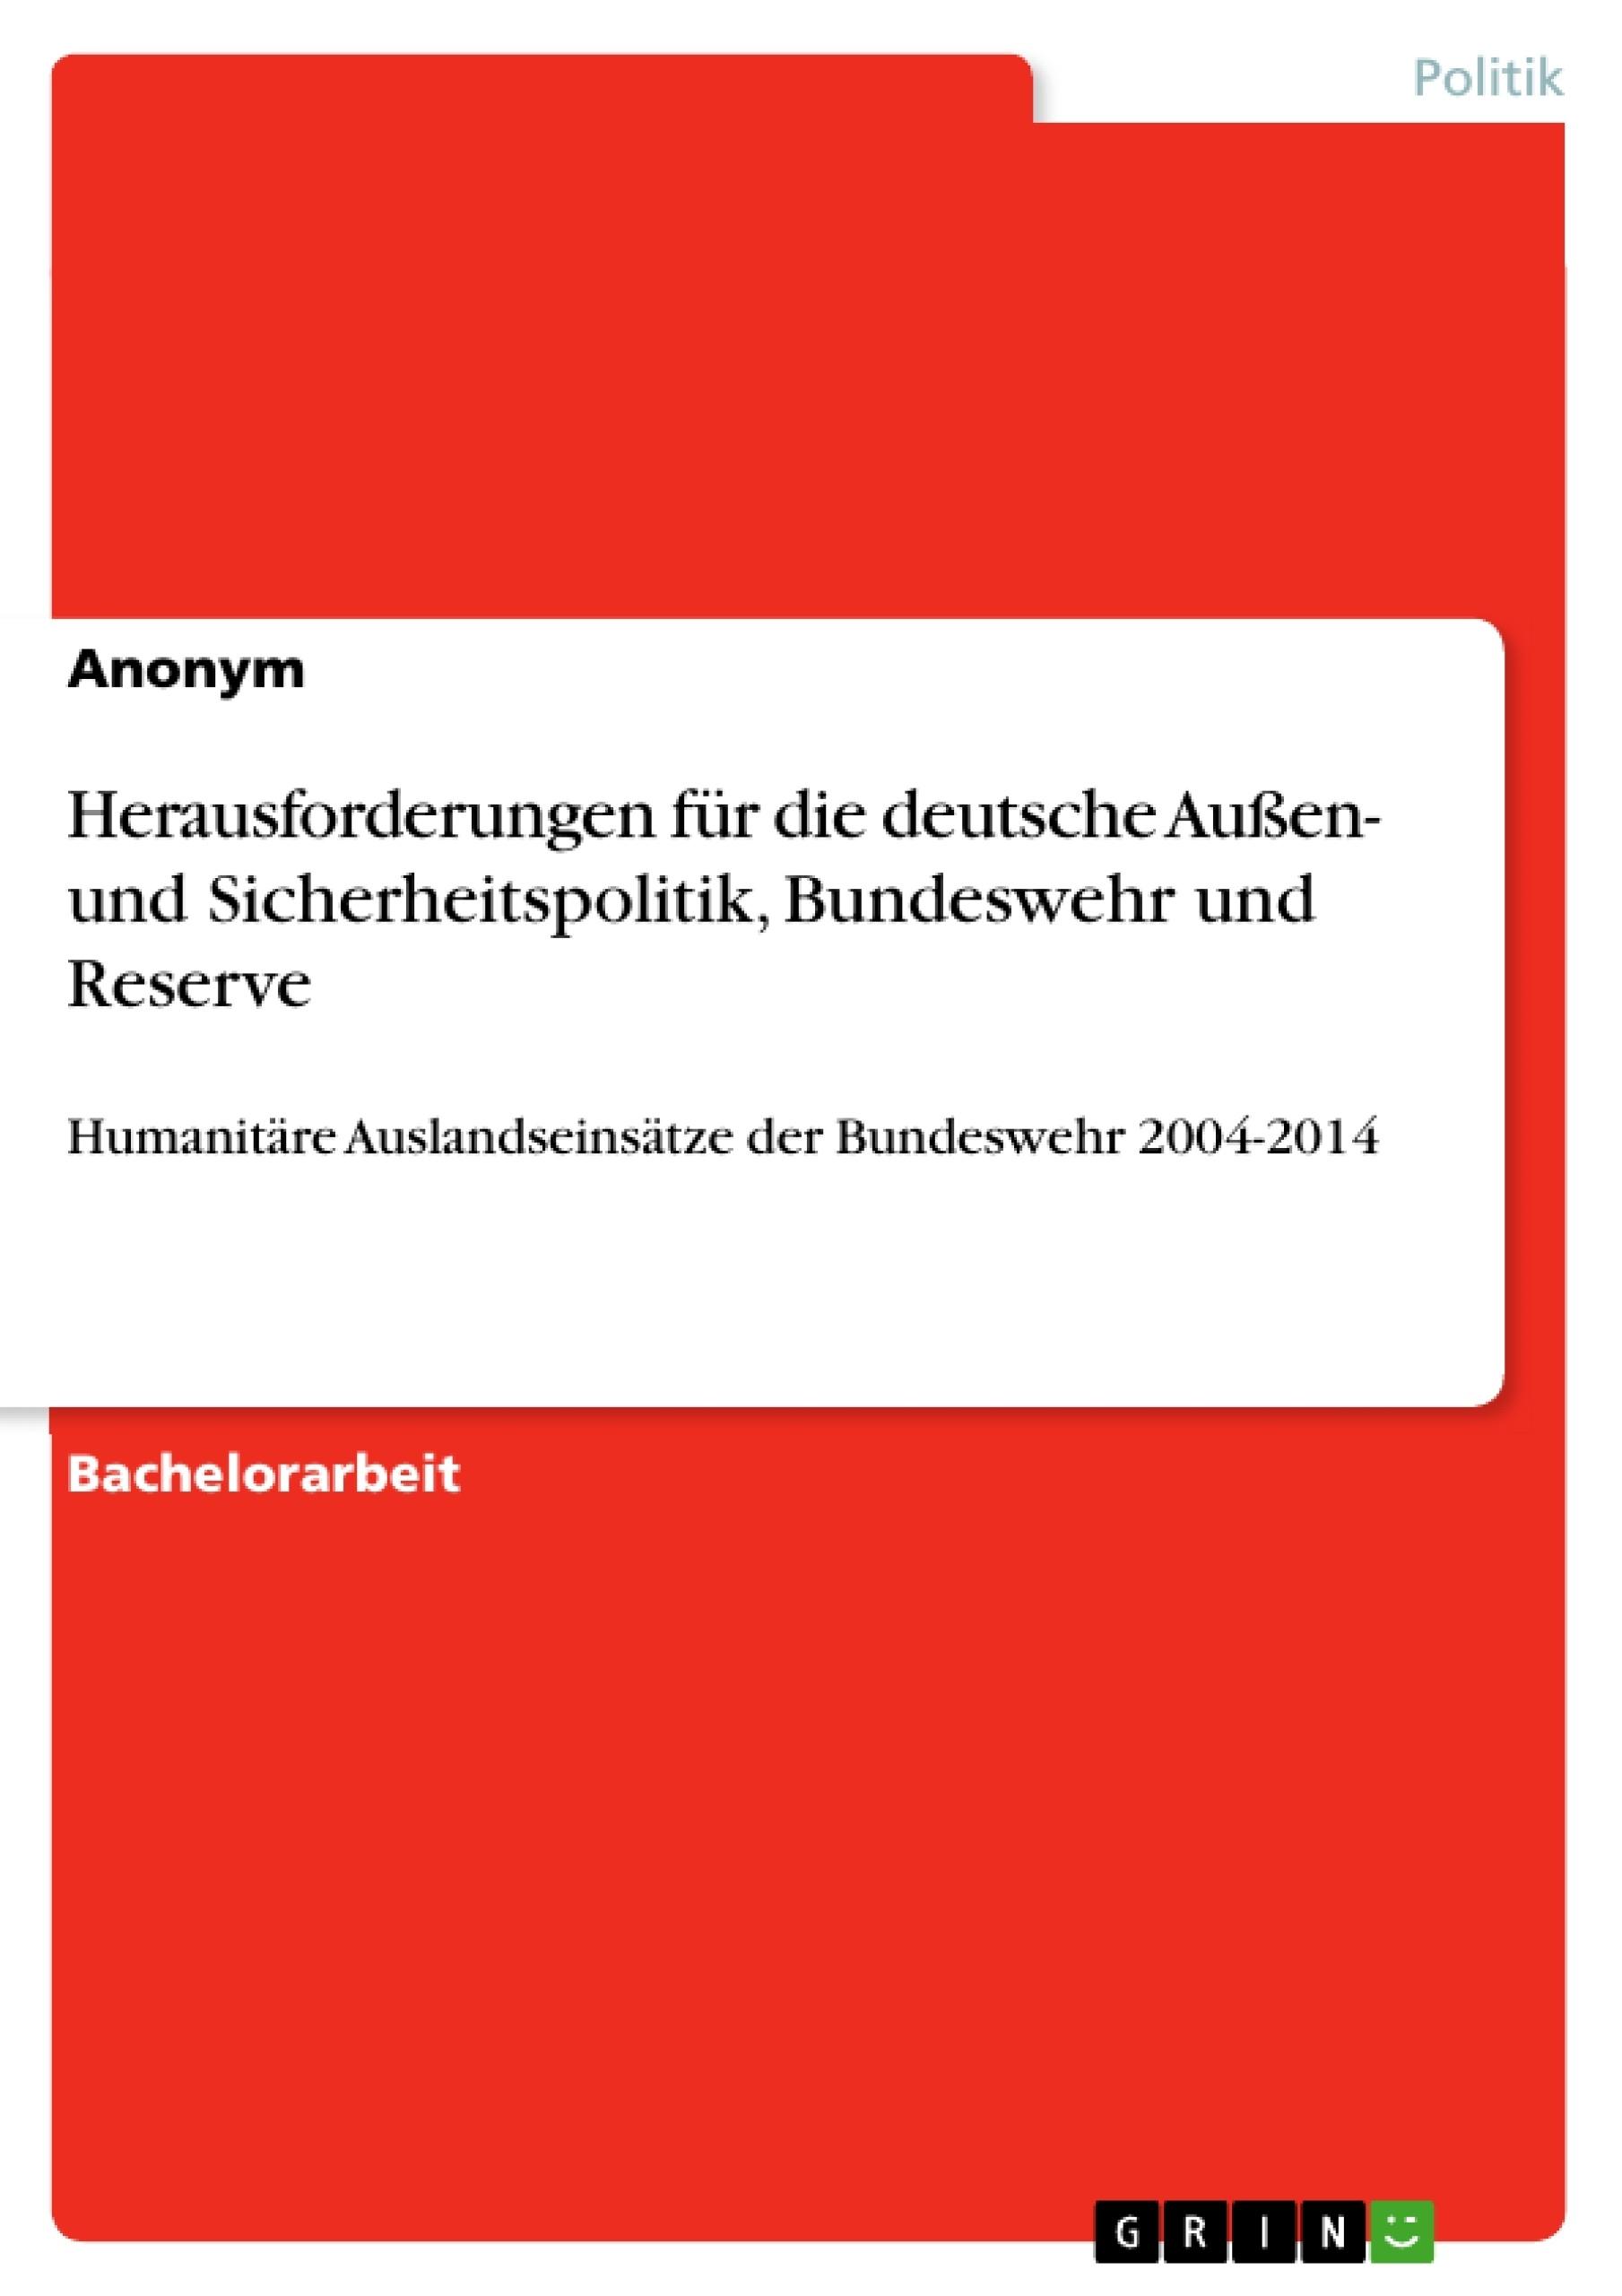 Titel: Herausforderungen für die deutsche Außen- und Sicherheitspolitik, Bundeswehr und Reserve